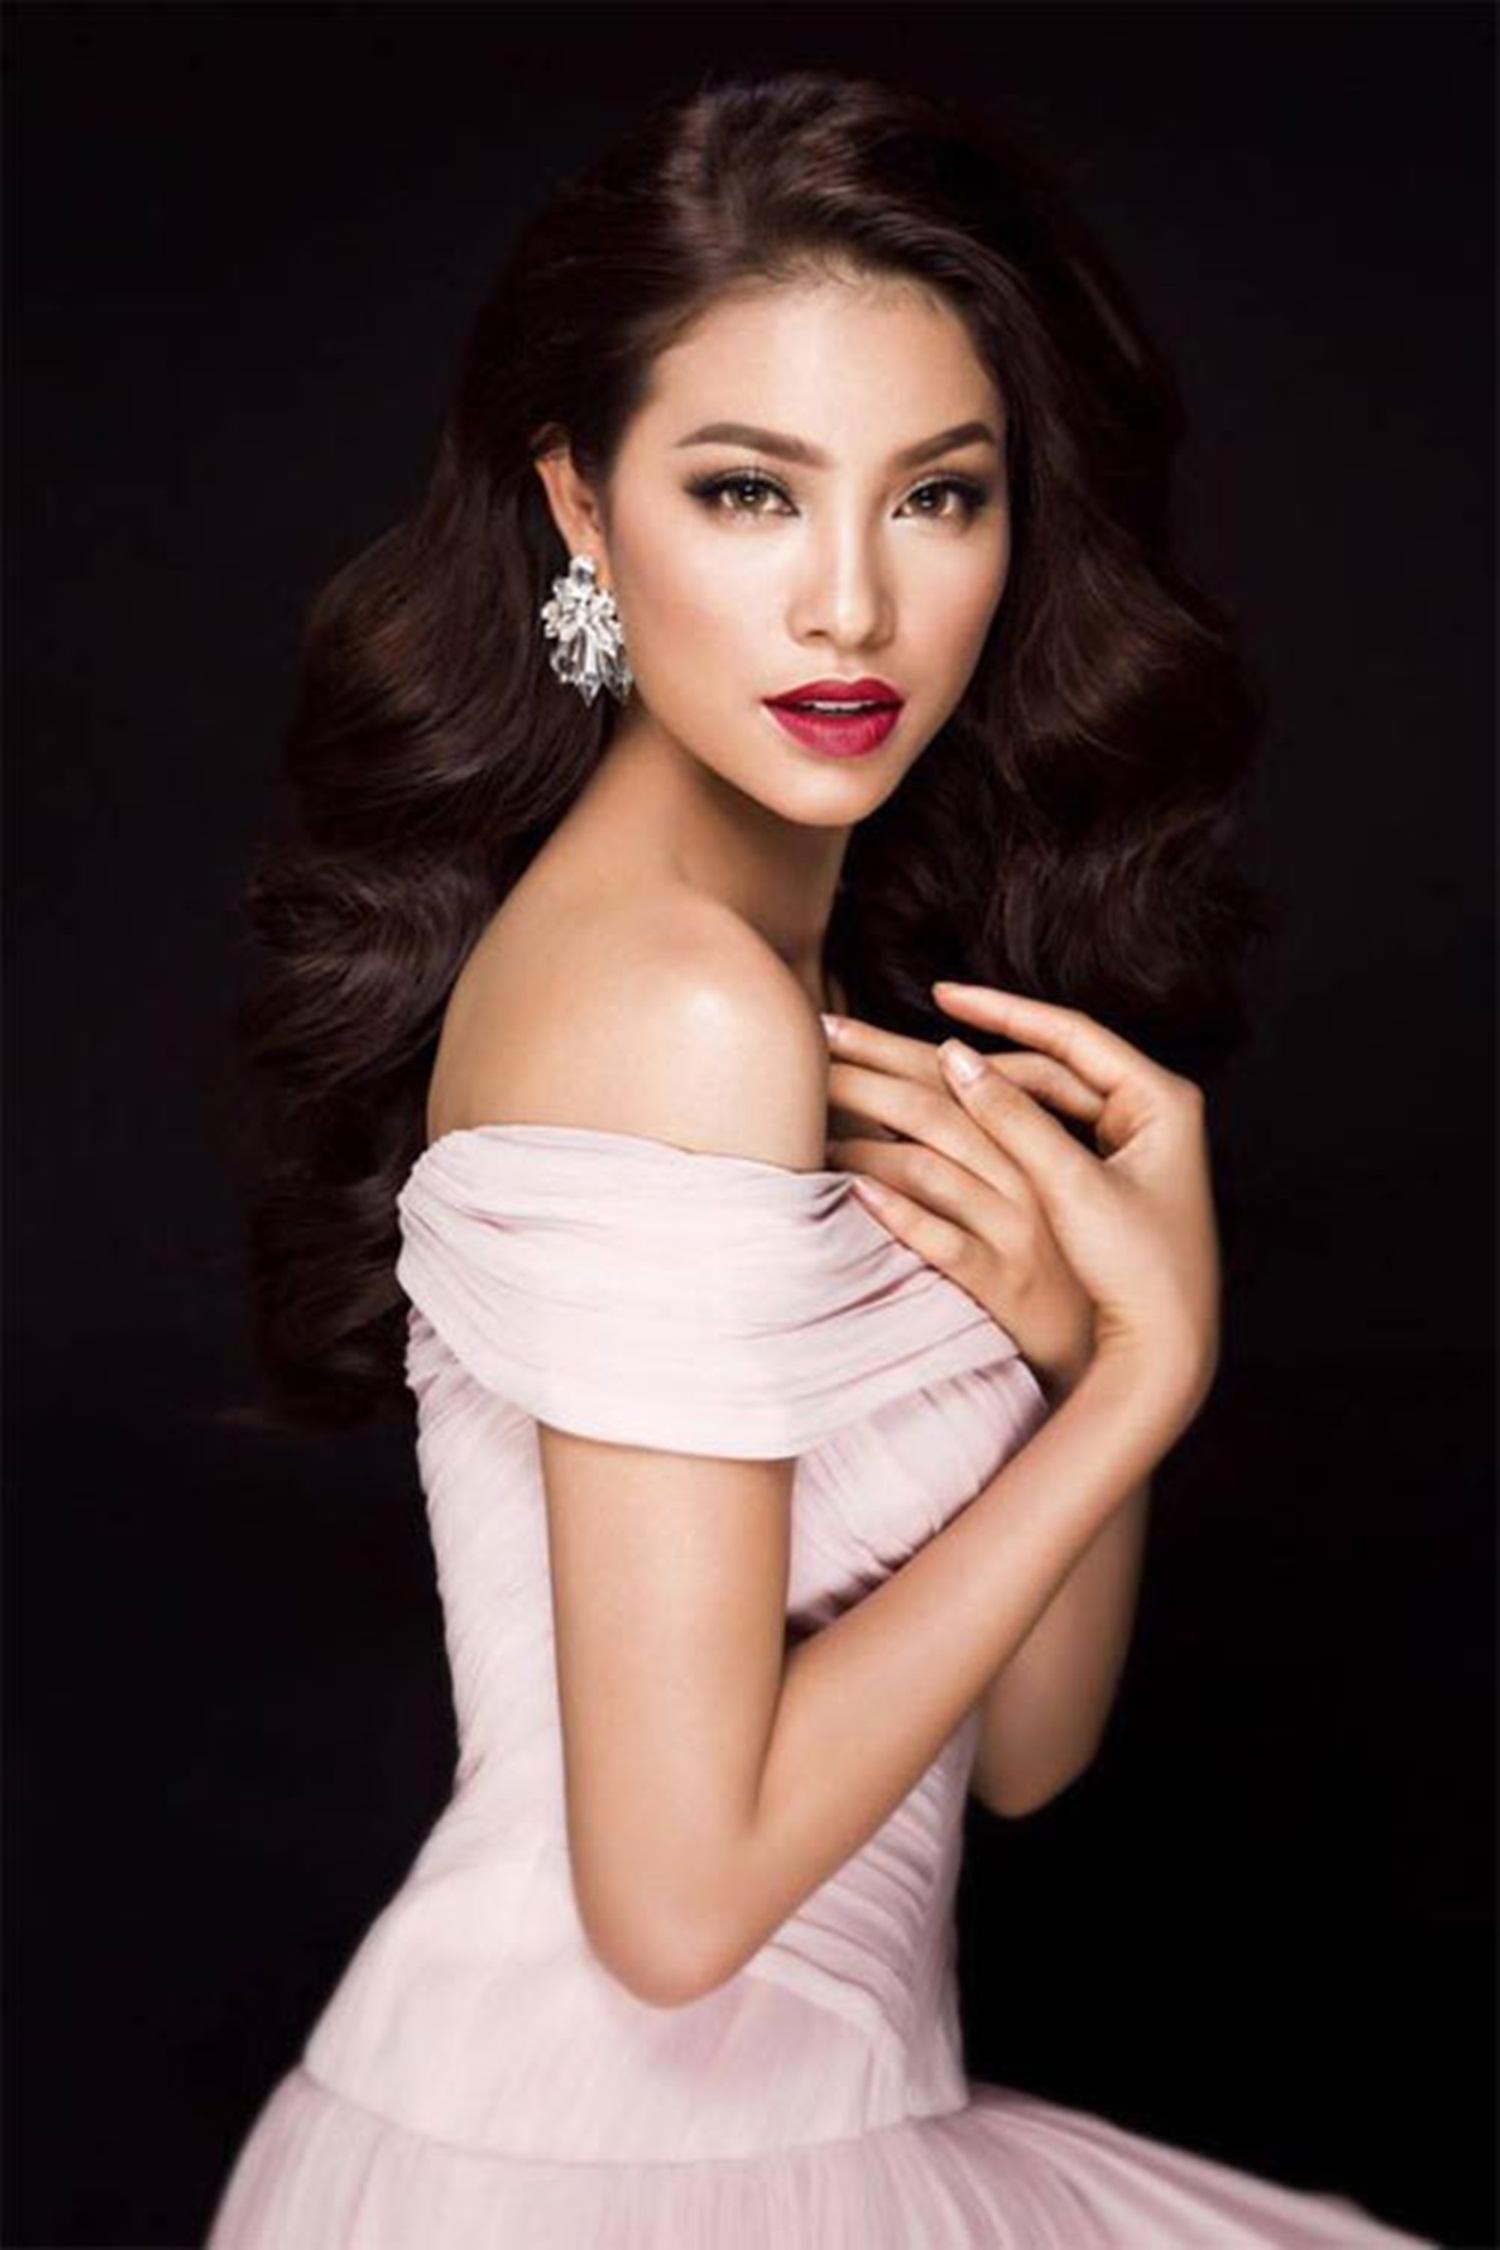 Trước khi dự thi Hoa hậu Hoàn vũ Việt Nam, Phạm Hương từng đoạt danh hiệu Á hậu 1 Hoa hậu thể thao 2014 tổ chức tại Nga và lọt top 10 Hoa hậu Việt Nam 2014.